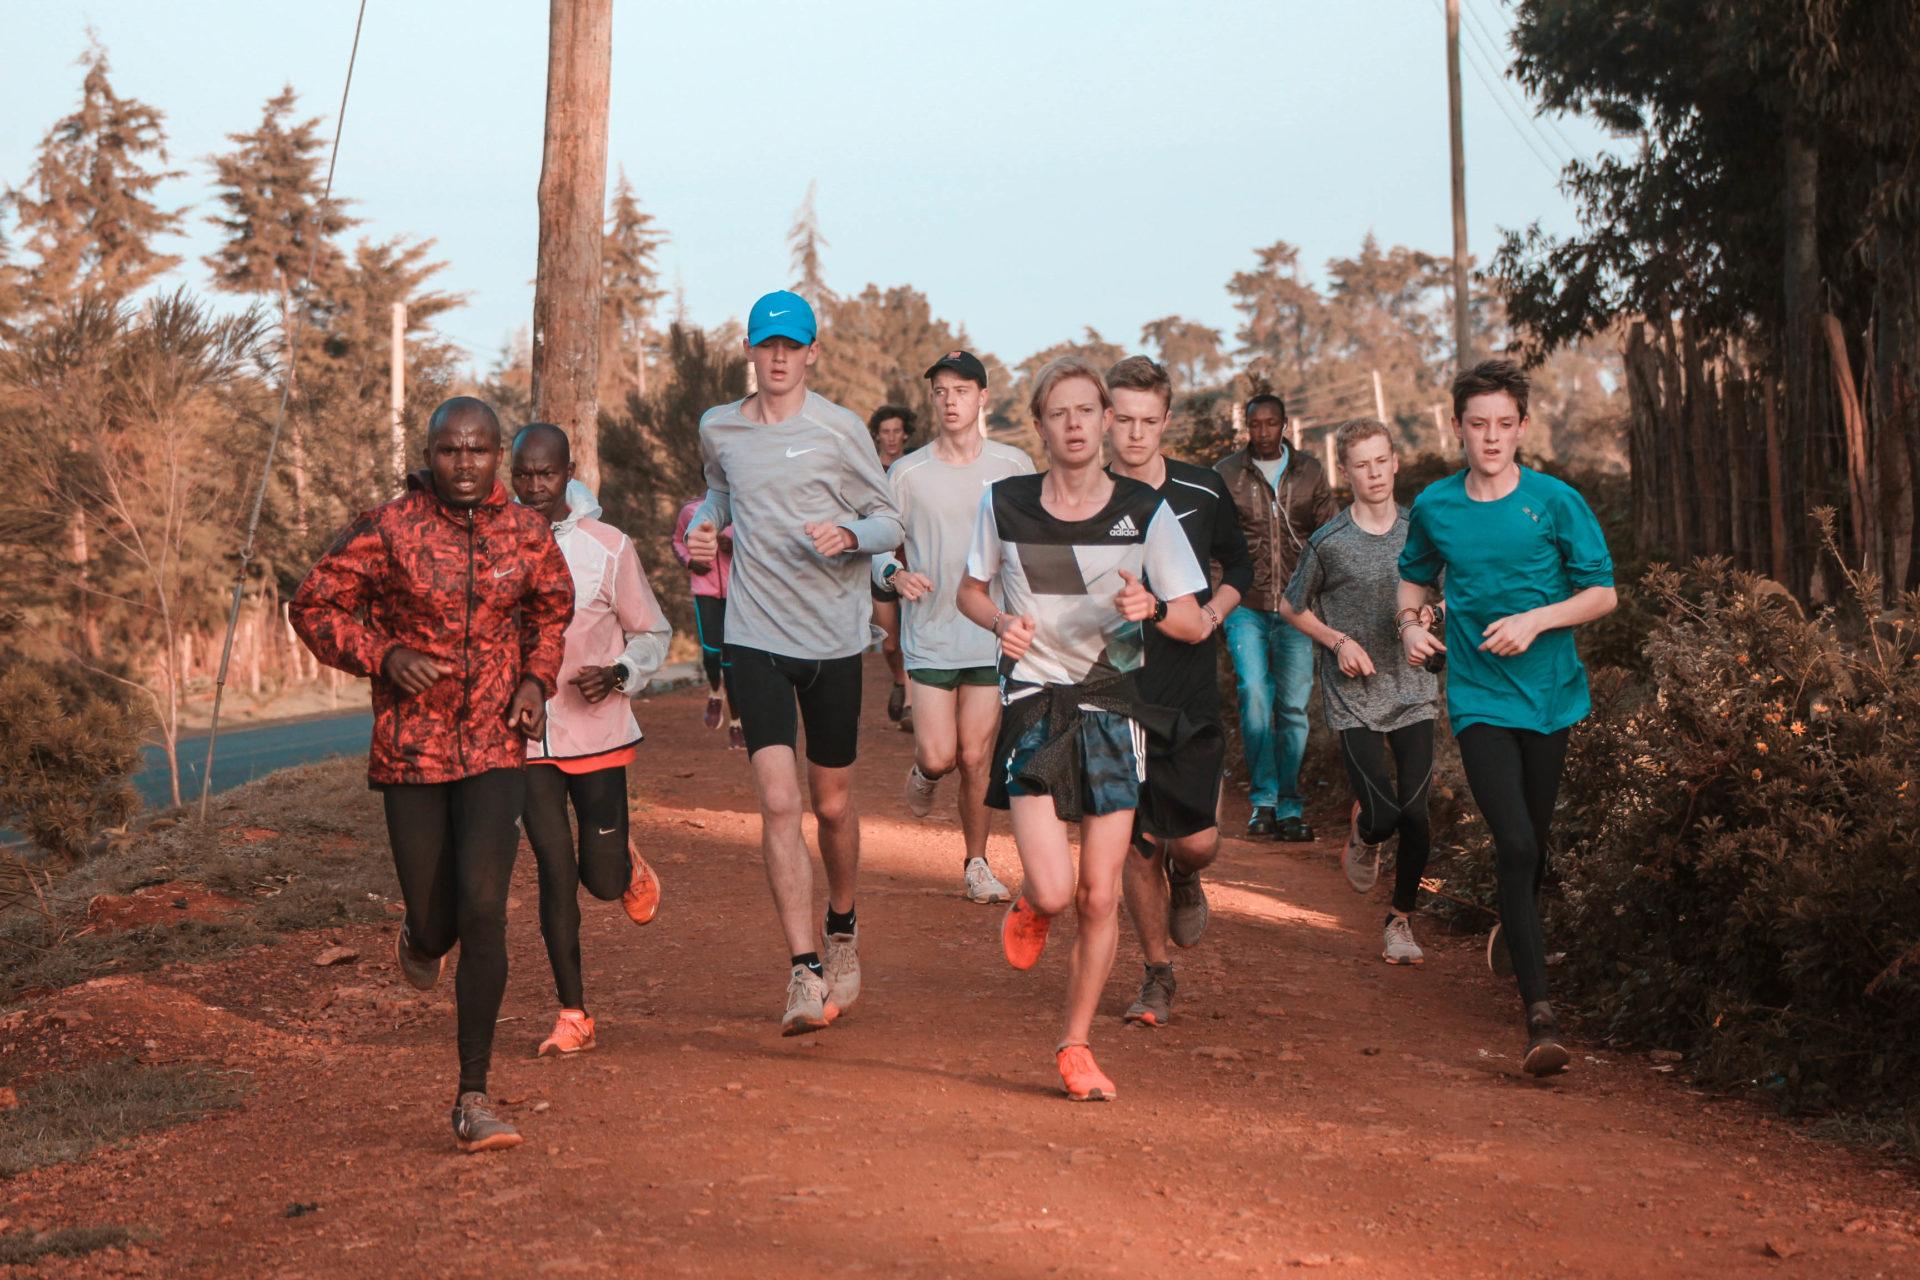 New Zealand High School Runners in Kenya